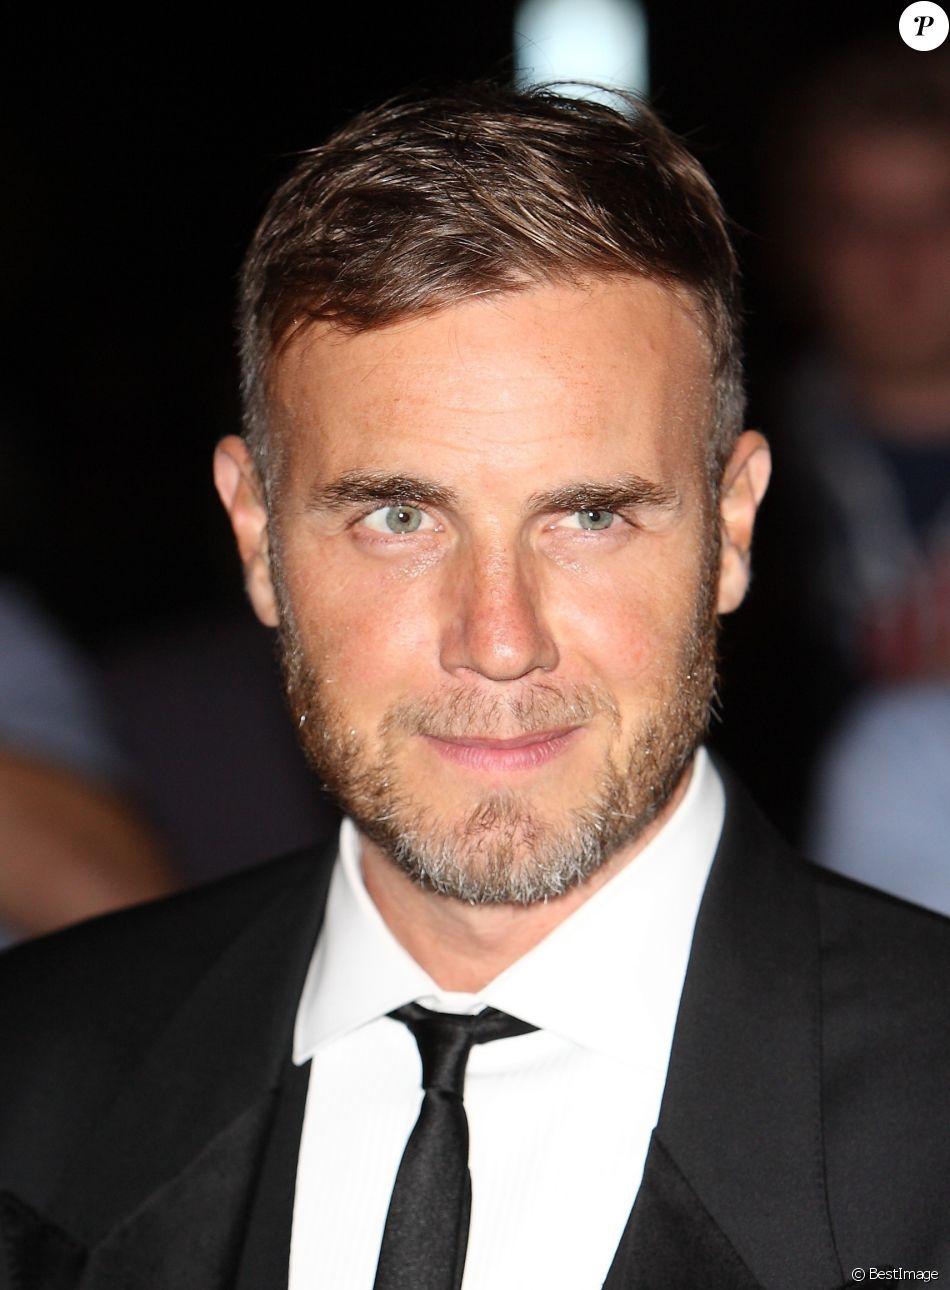 """Gary Barlow, arrivée des people à la soirée """"GQ Men of the Year 2012"""" au Royal Opéra à Londres, le 4 septembre 2012."""